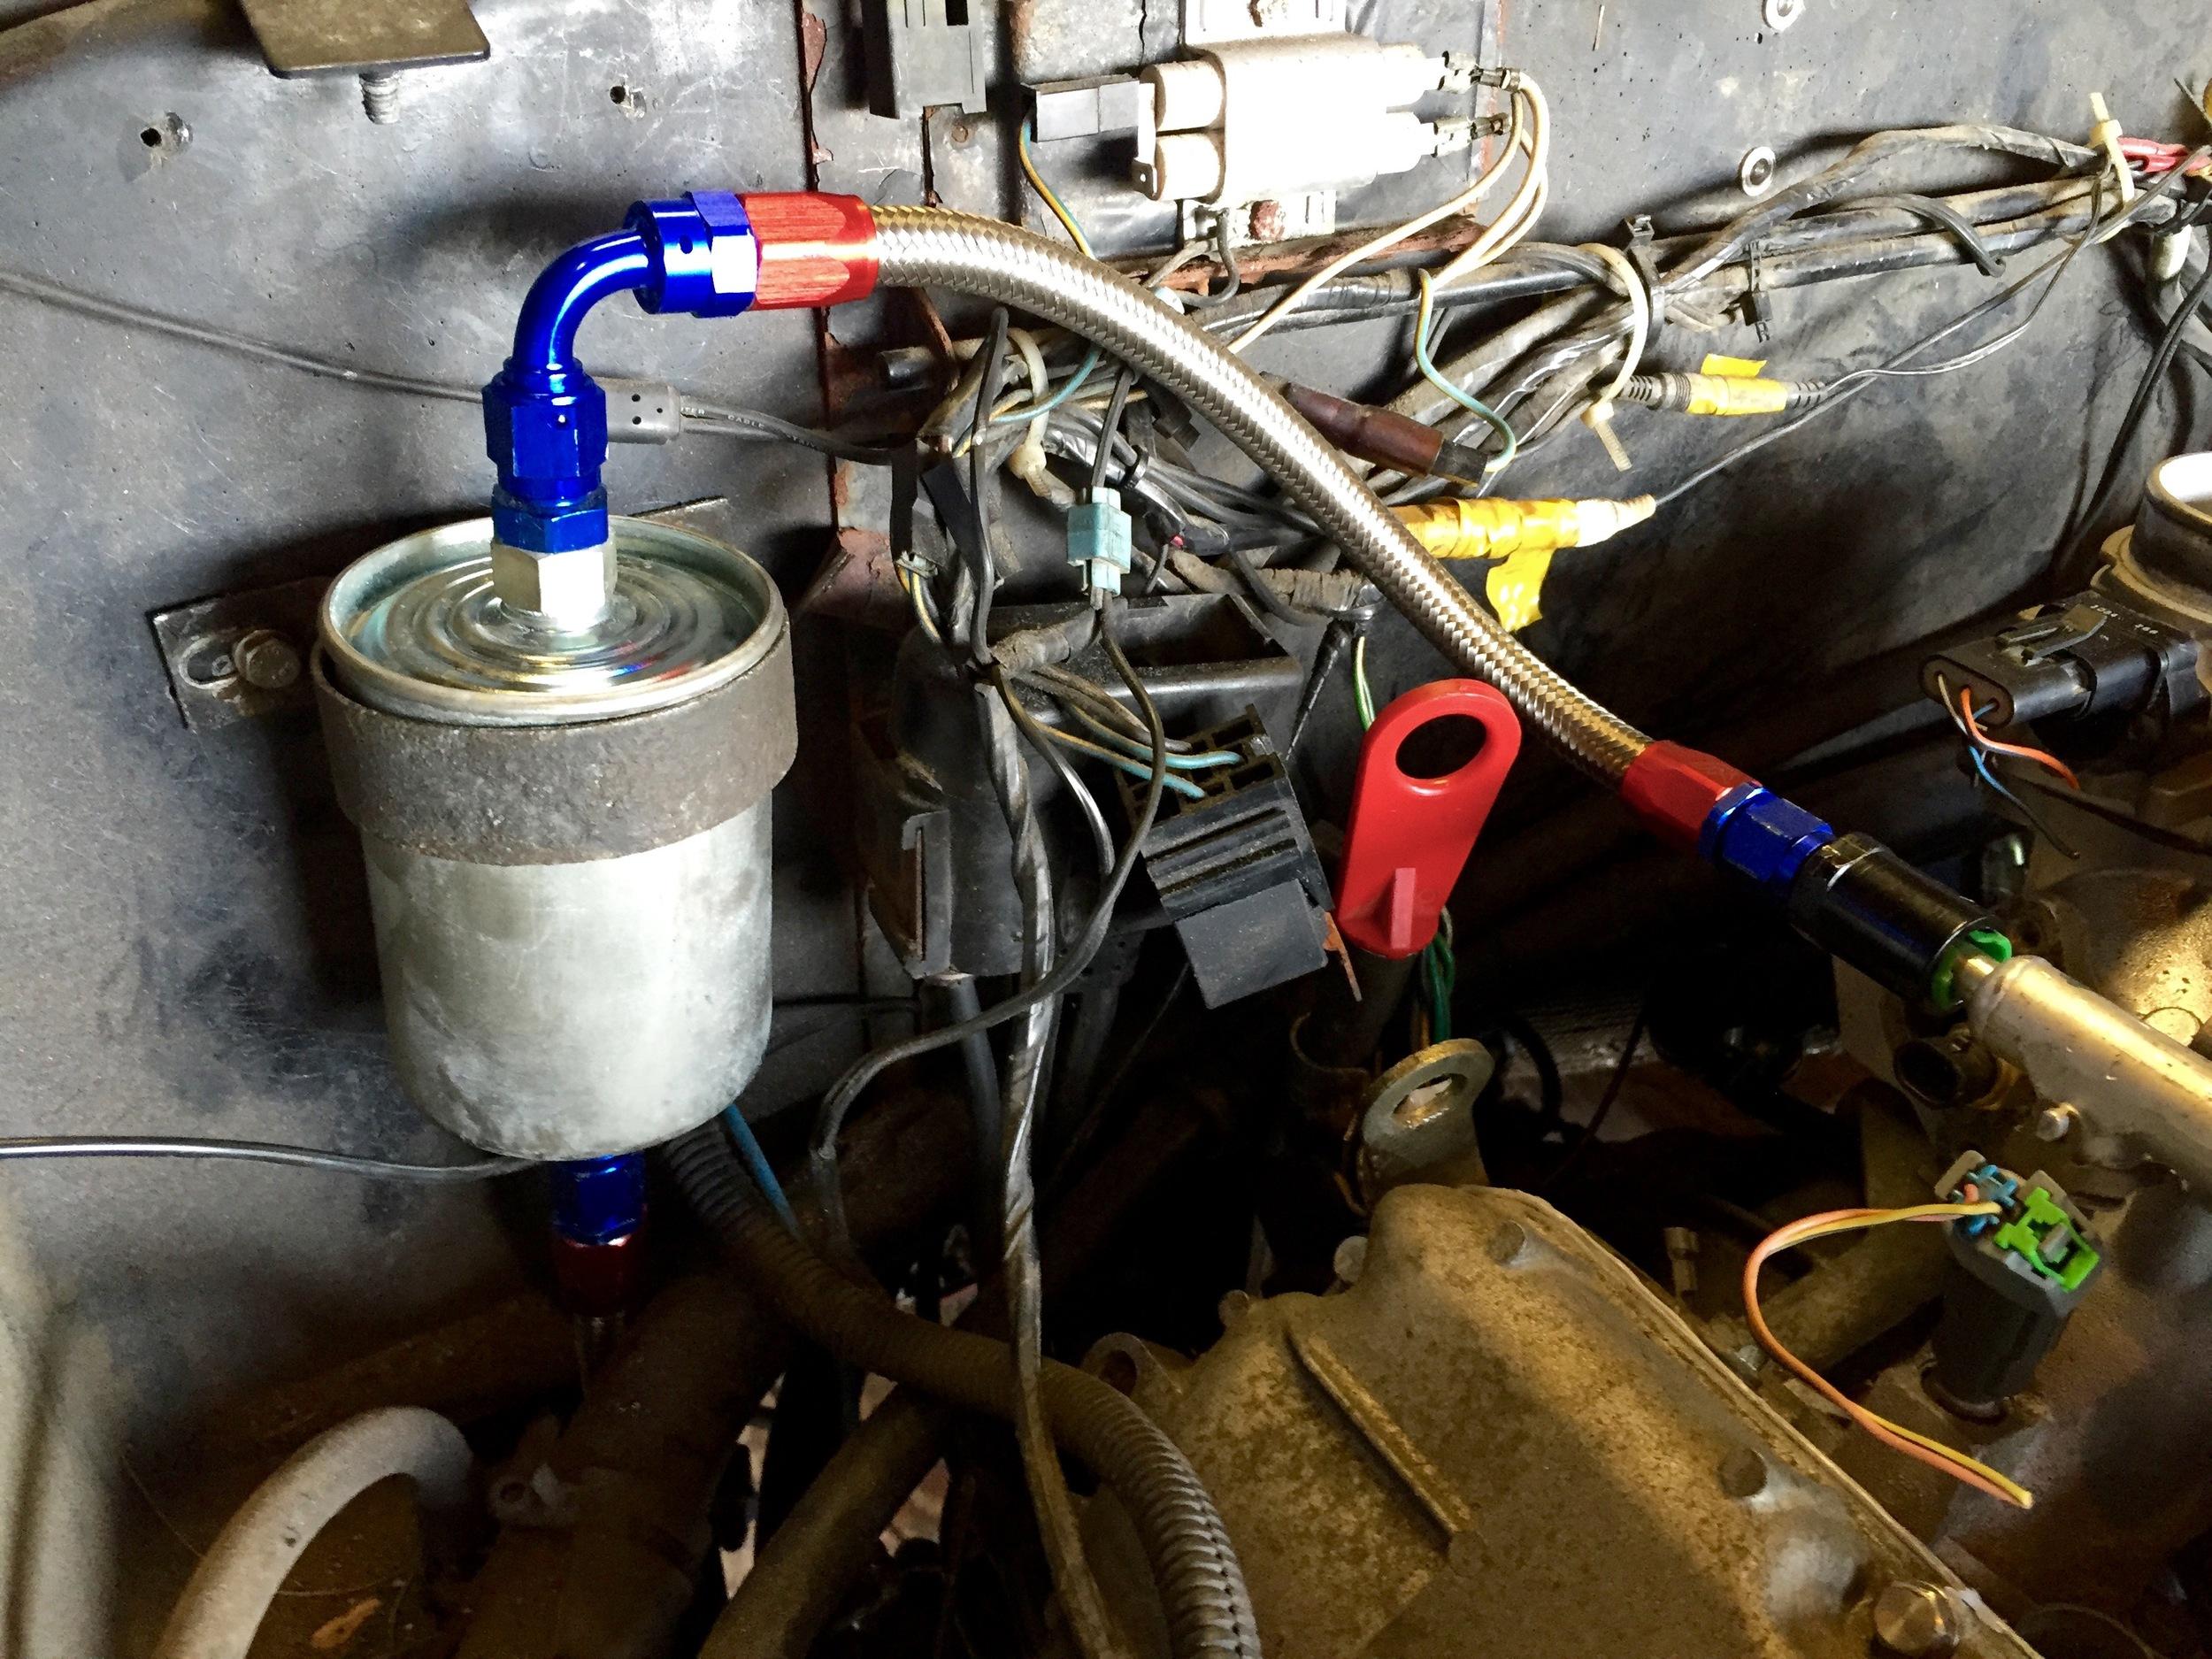 relocating the fuel filter \u2014 joe\u0027s projectsDelorean Fuel Filter #3